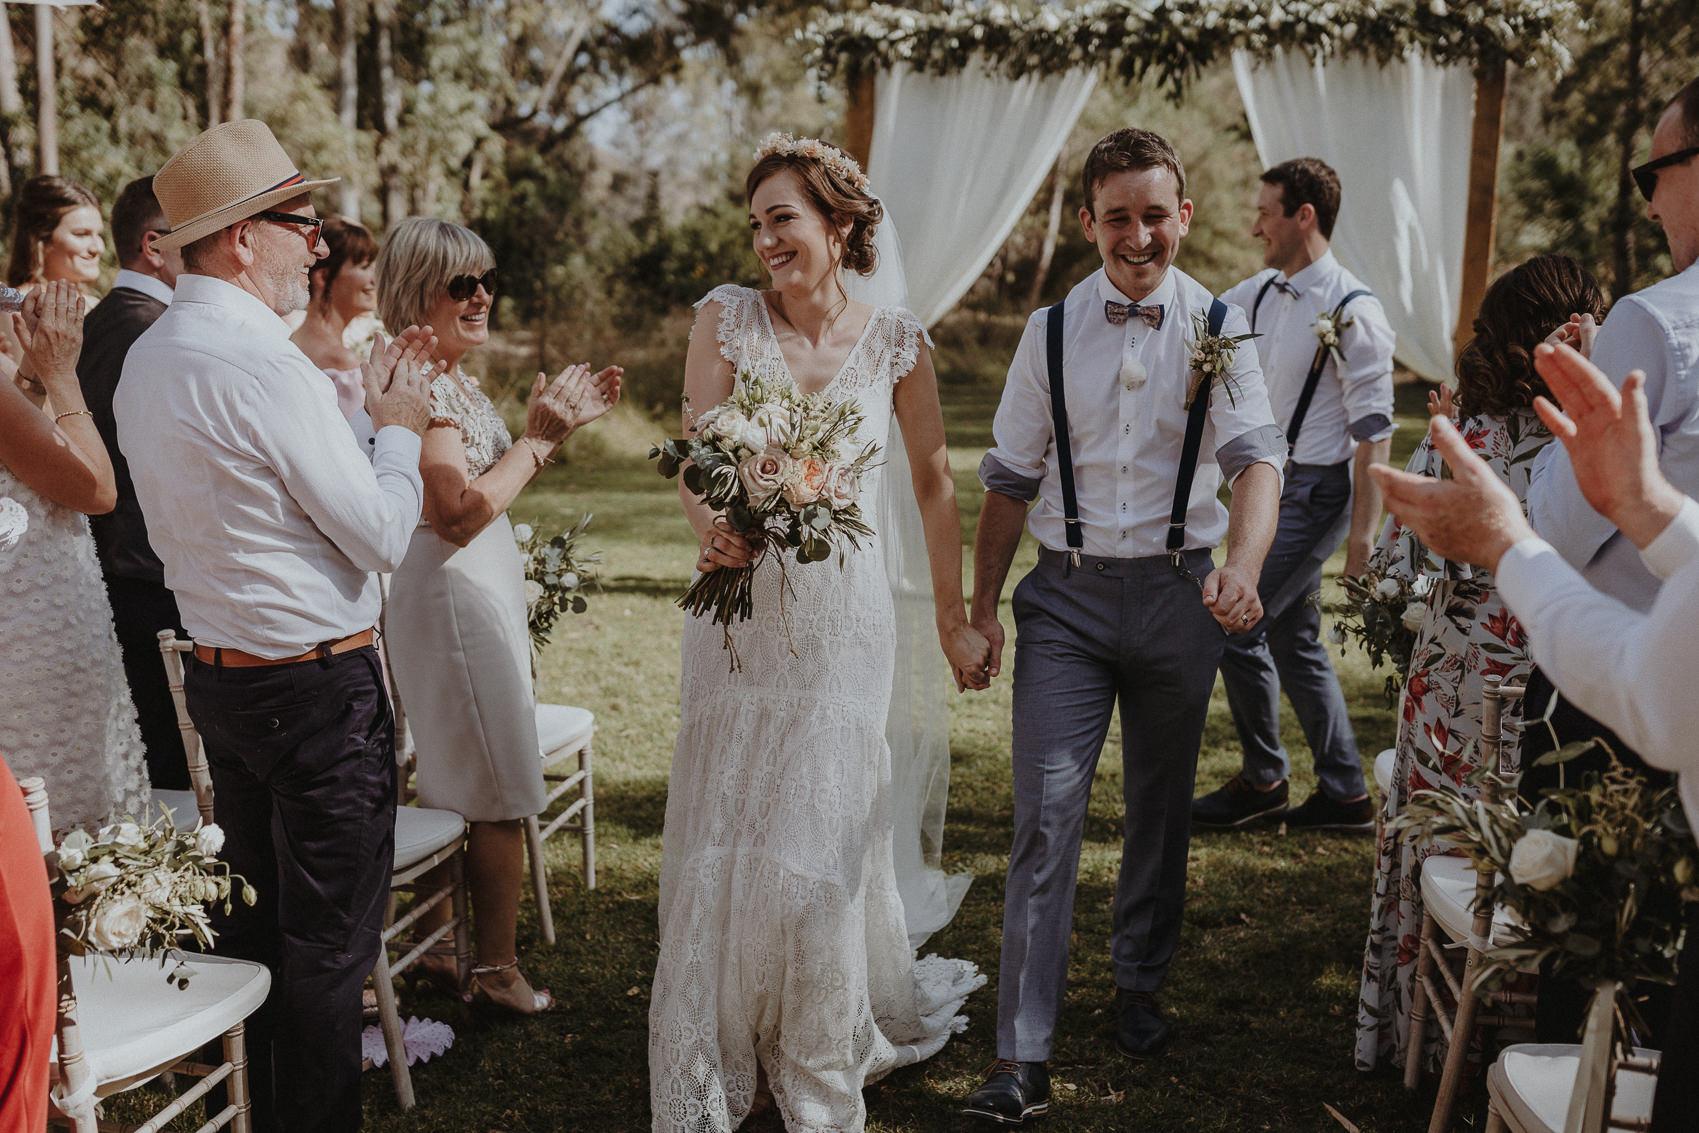 Sarah & Bill | Summer wedding at Cortijo Rosa Blanca | Marbella - Spain 86